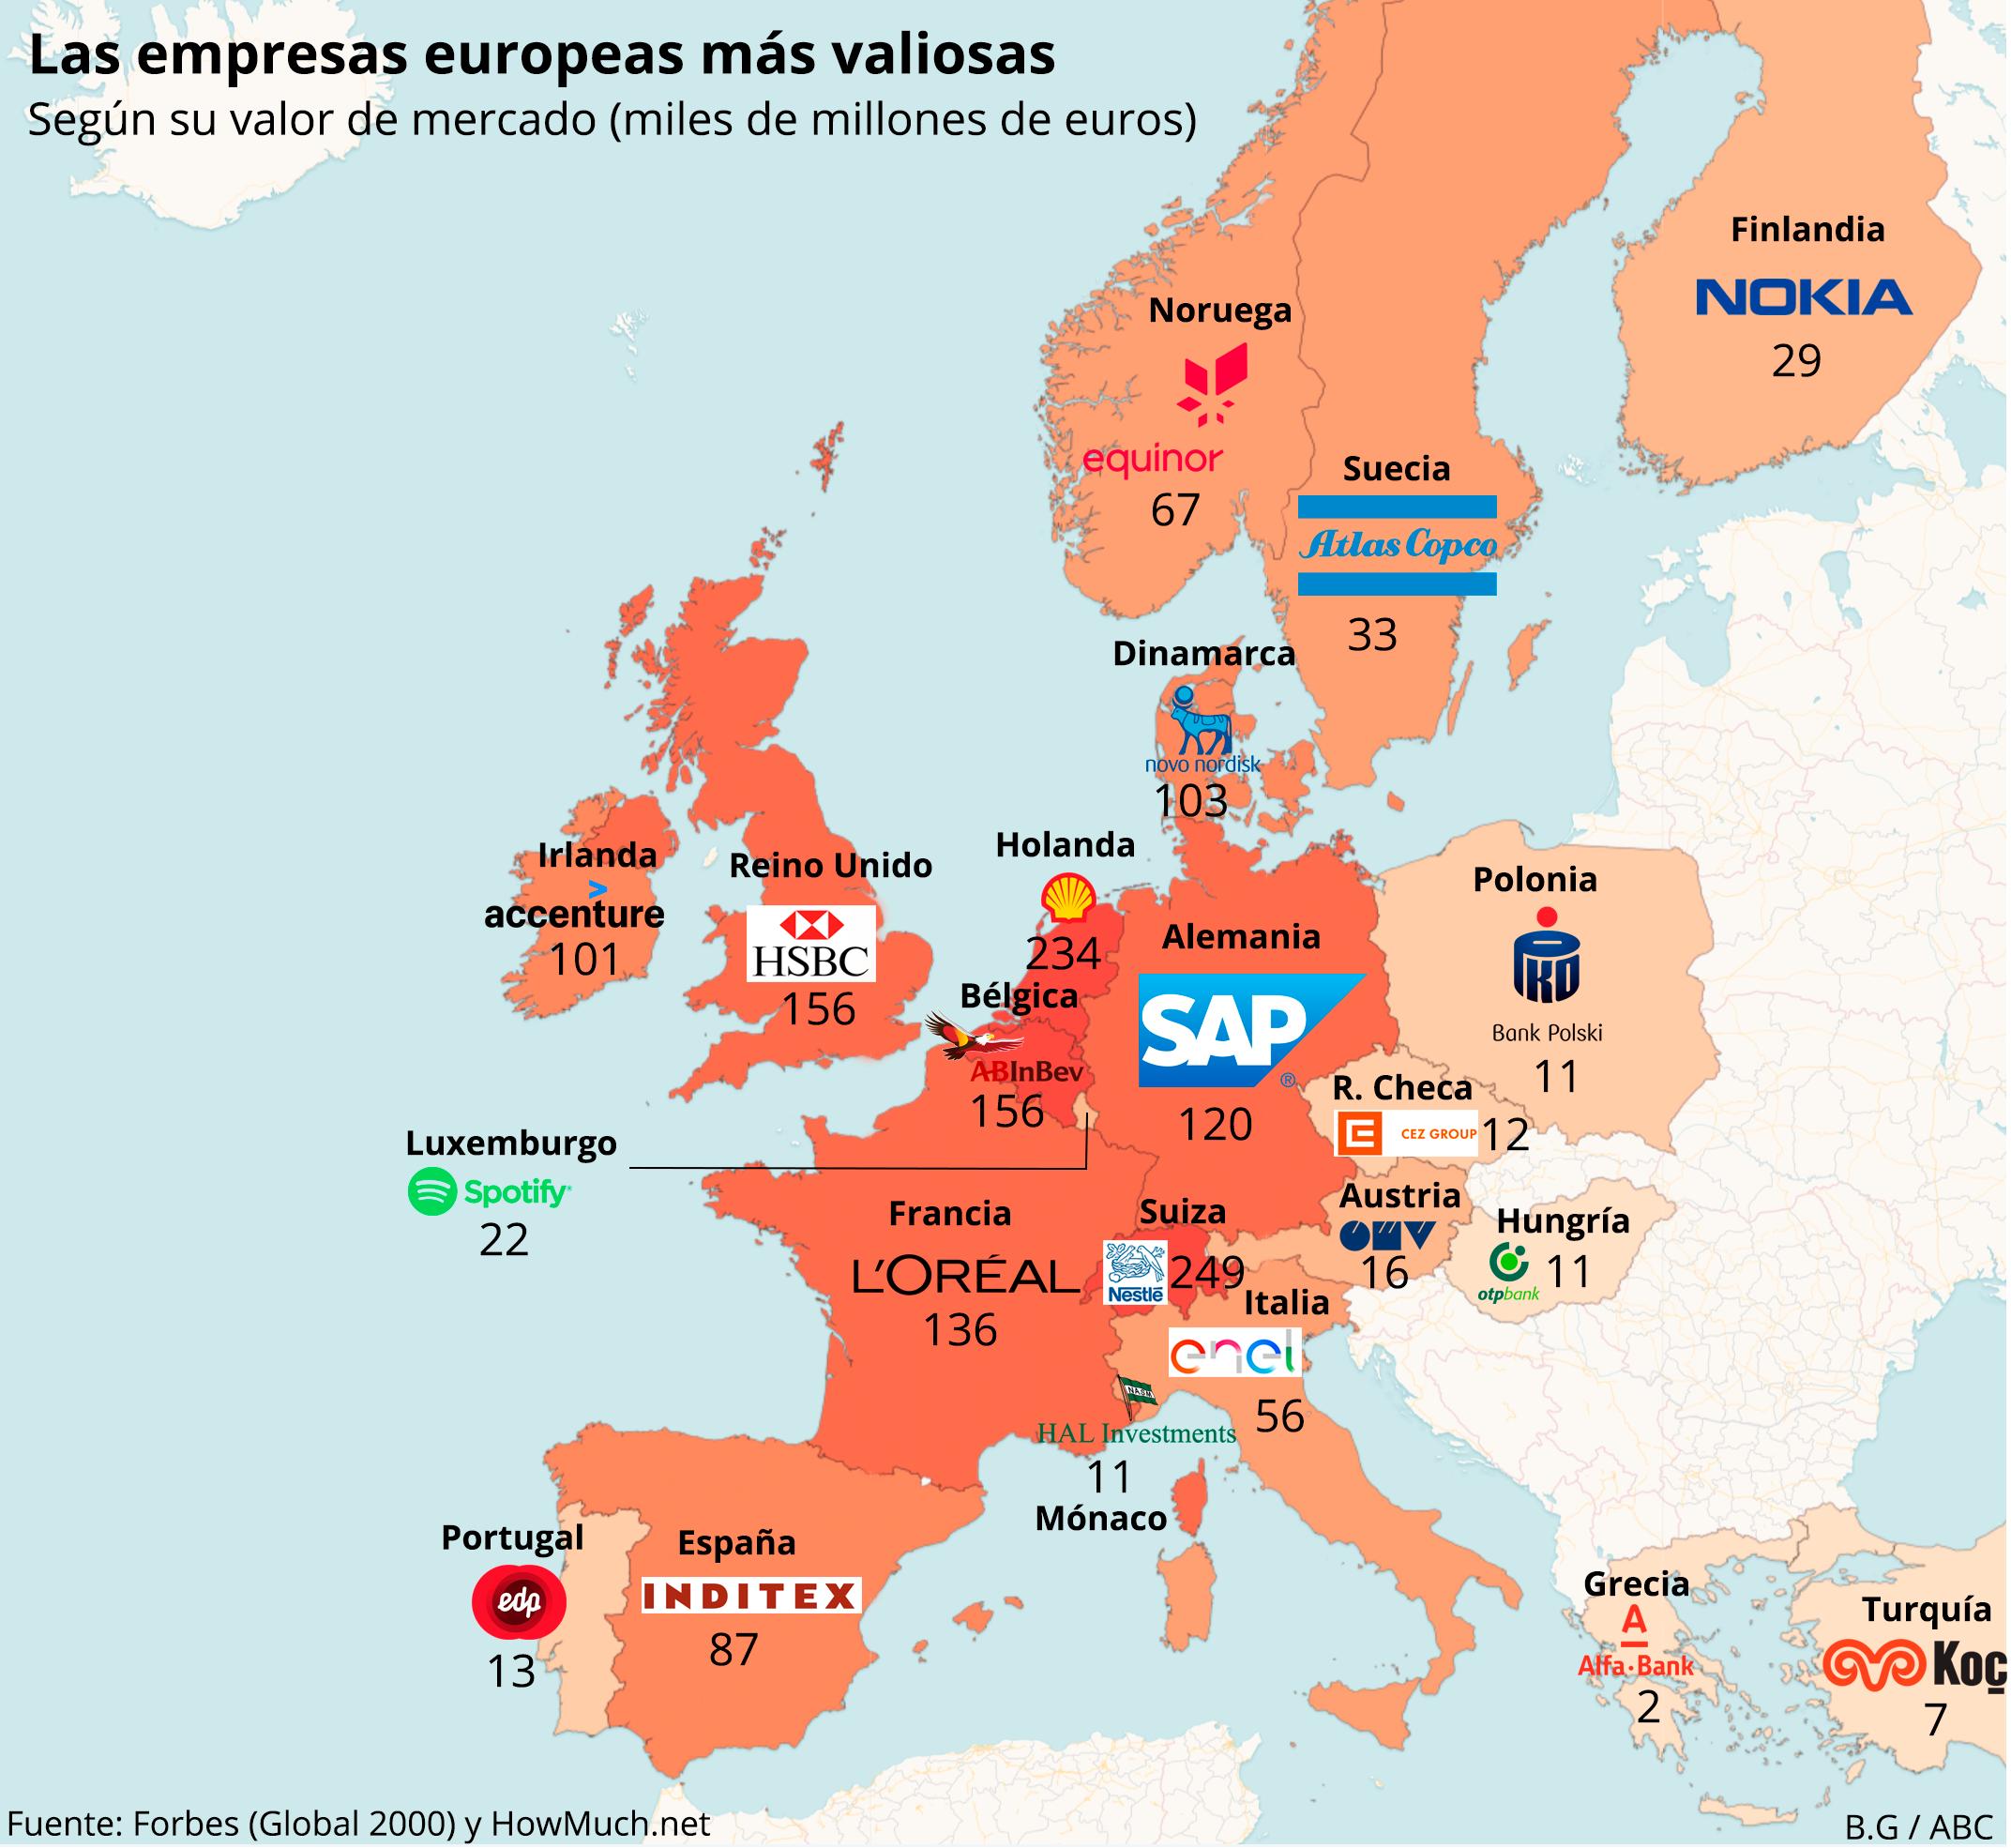 Mapa de las empresas más valiosas según su valor de mercado